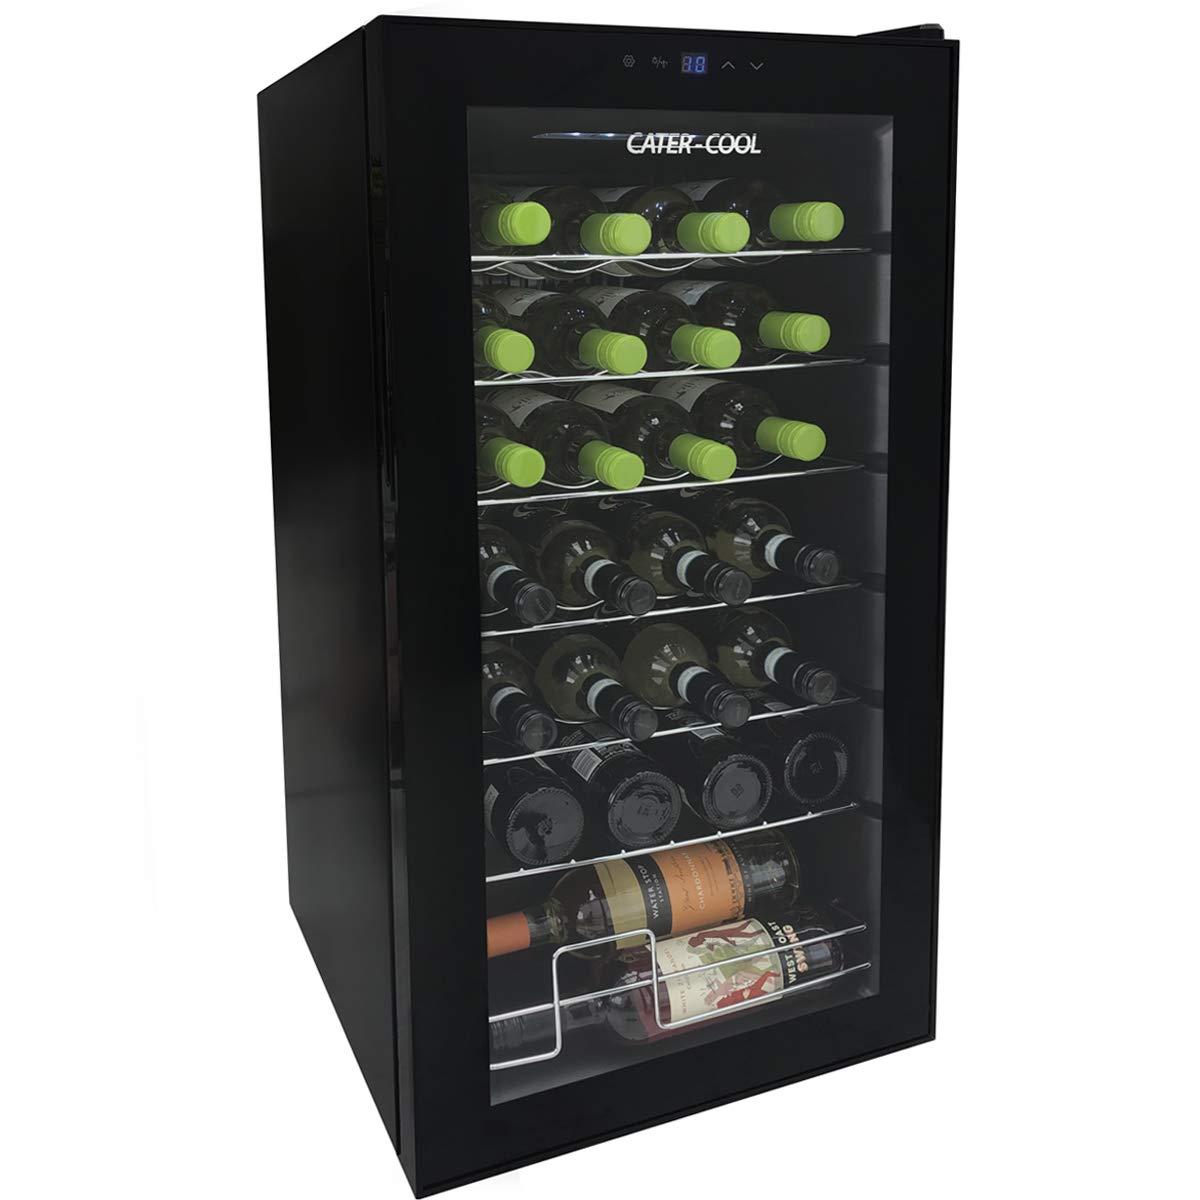 28 Bottle Single Door Commercial Wine Cooler Cater-Cool CK6028